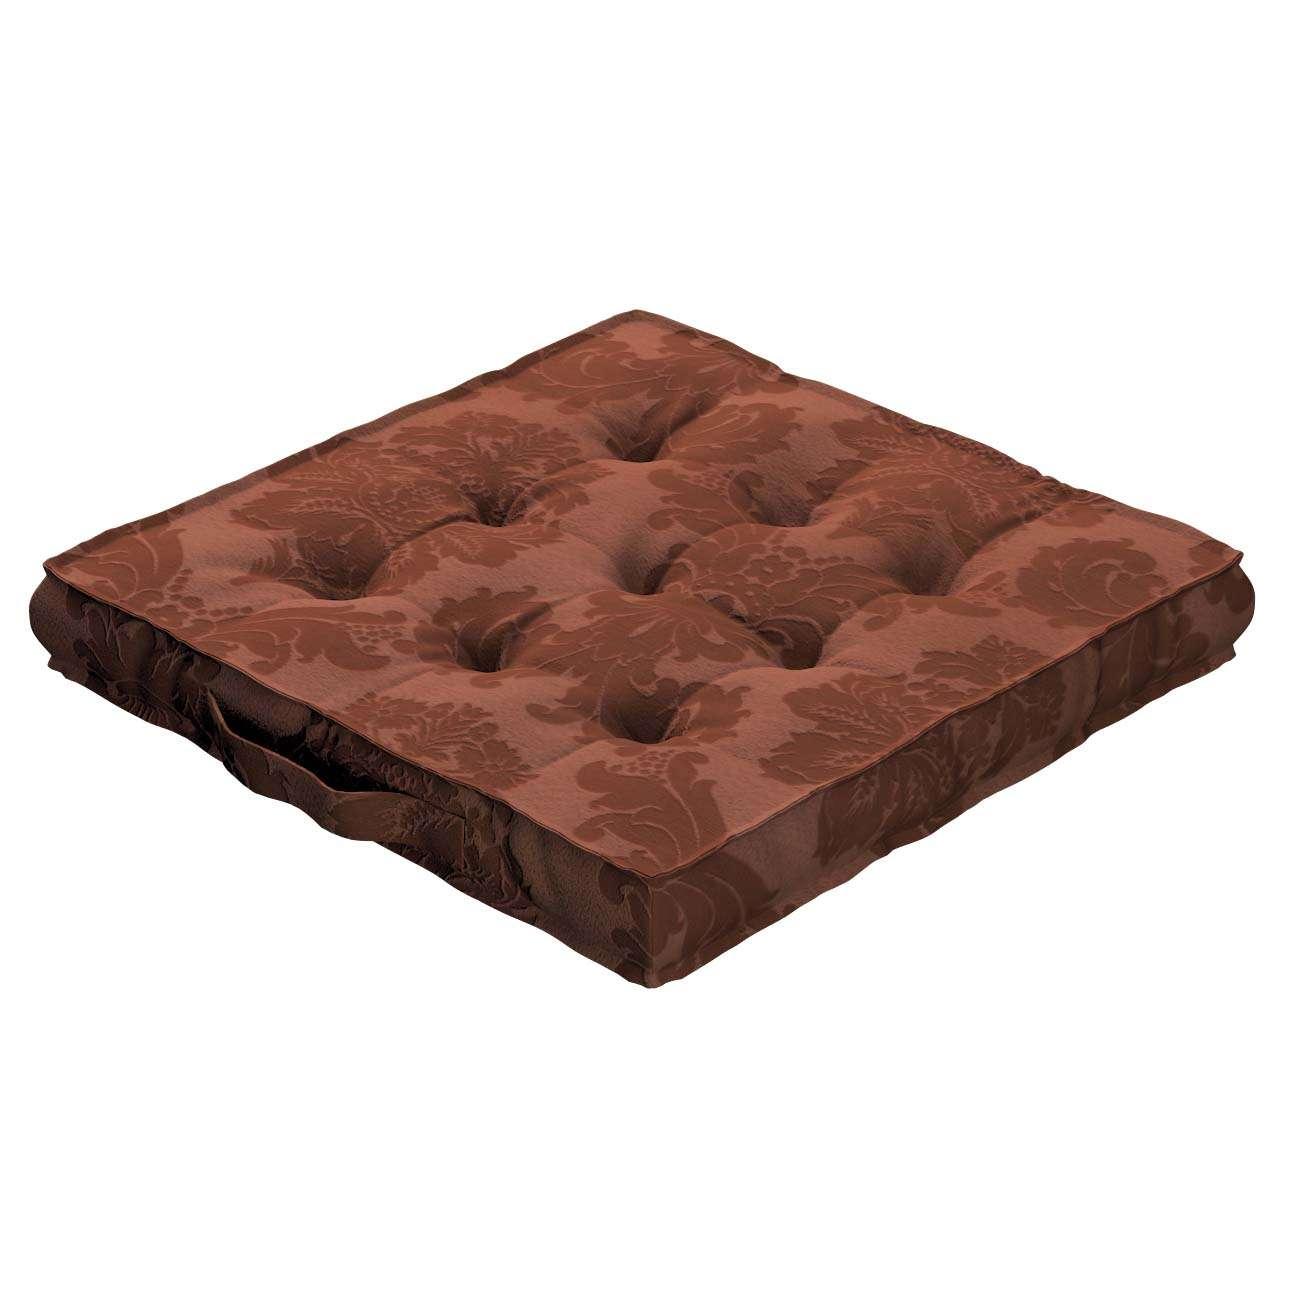 Siedzisko Kuba na krzesło 40x40x6cm w kolekcji Damasco, tkanina: 613-88